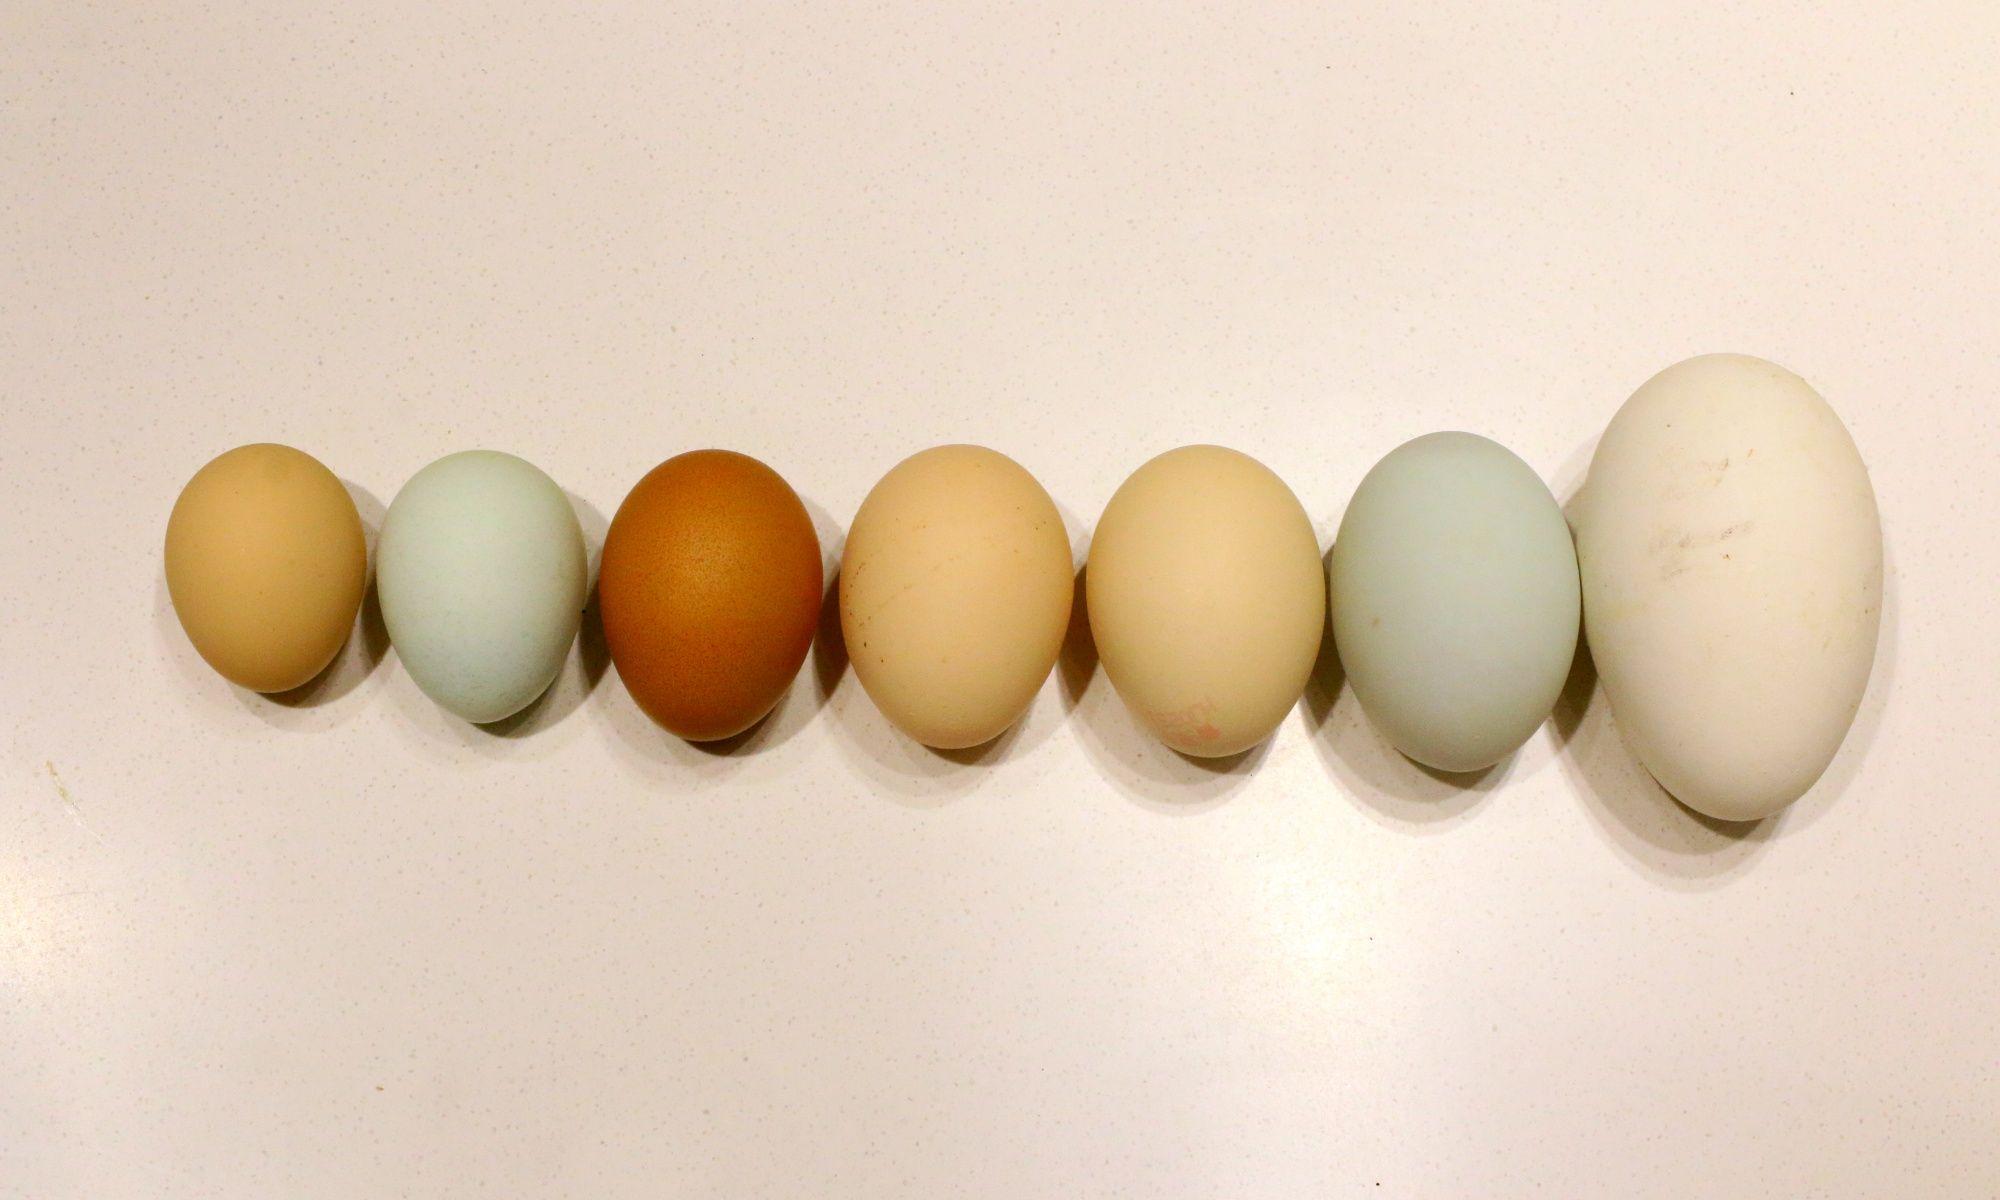 Behold the $11 Supermarket Egg (Yes, Singular)